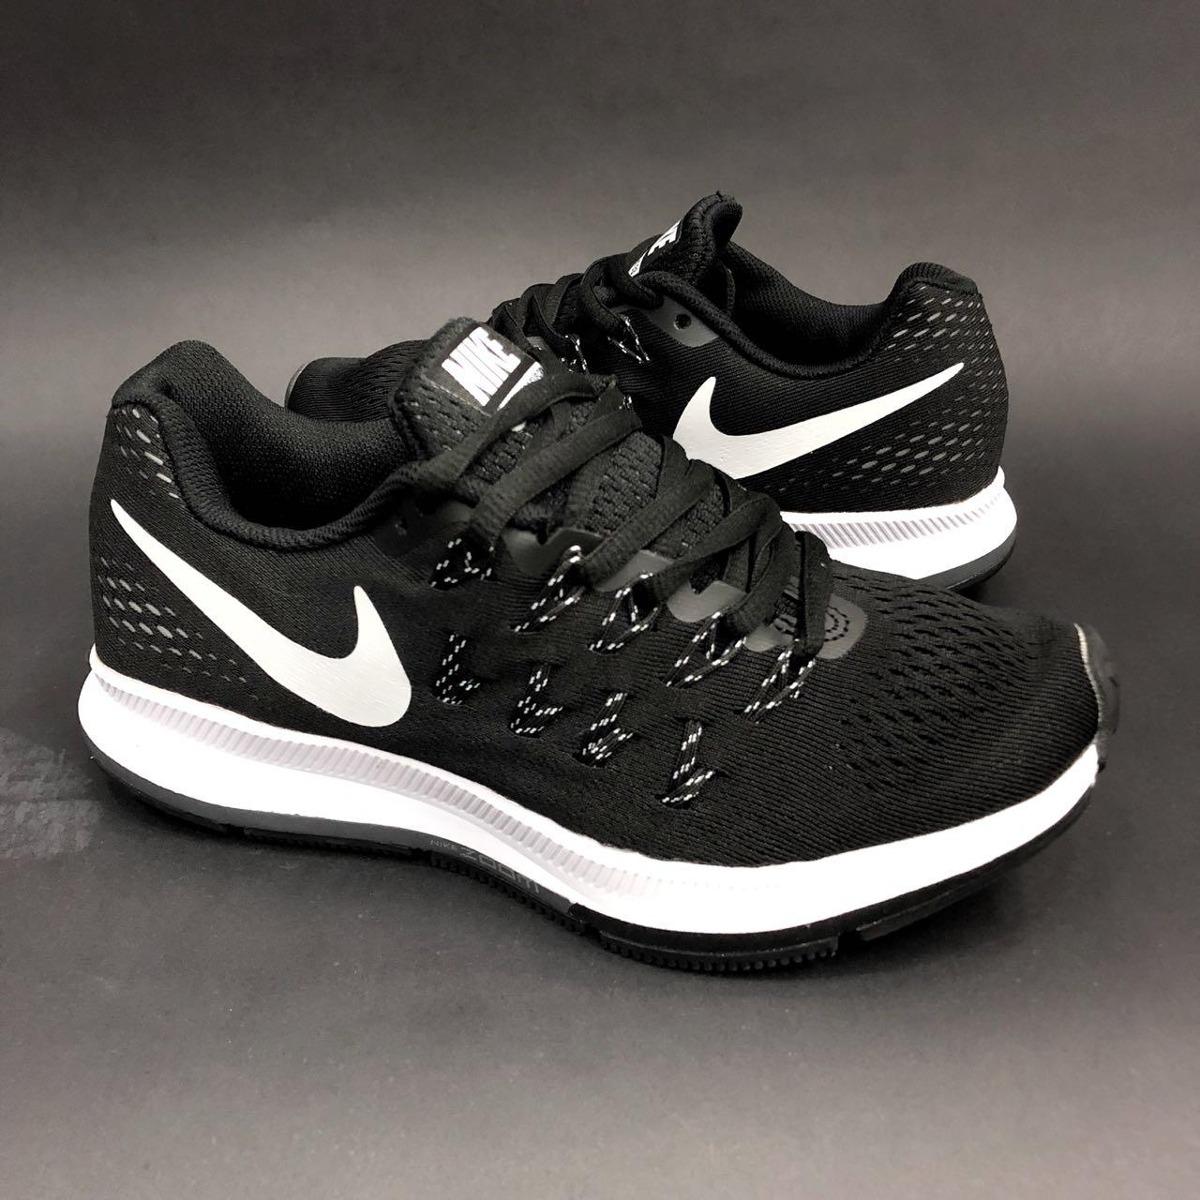 Zapatillas Nike Zoom Pegasus 33 - Dama Y Hombre